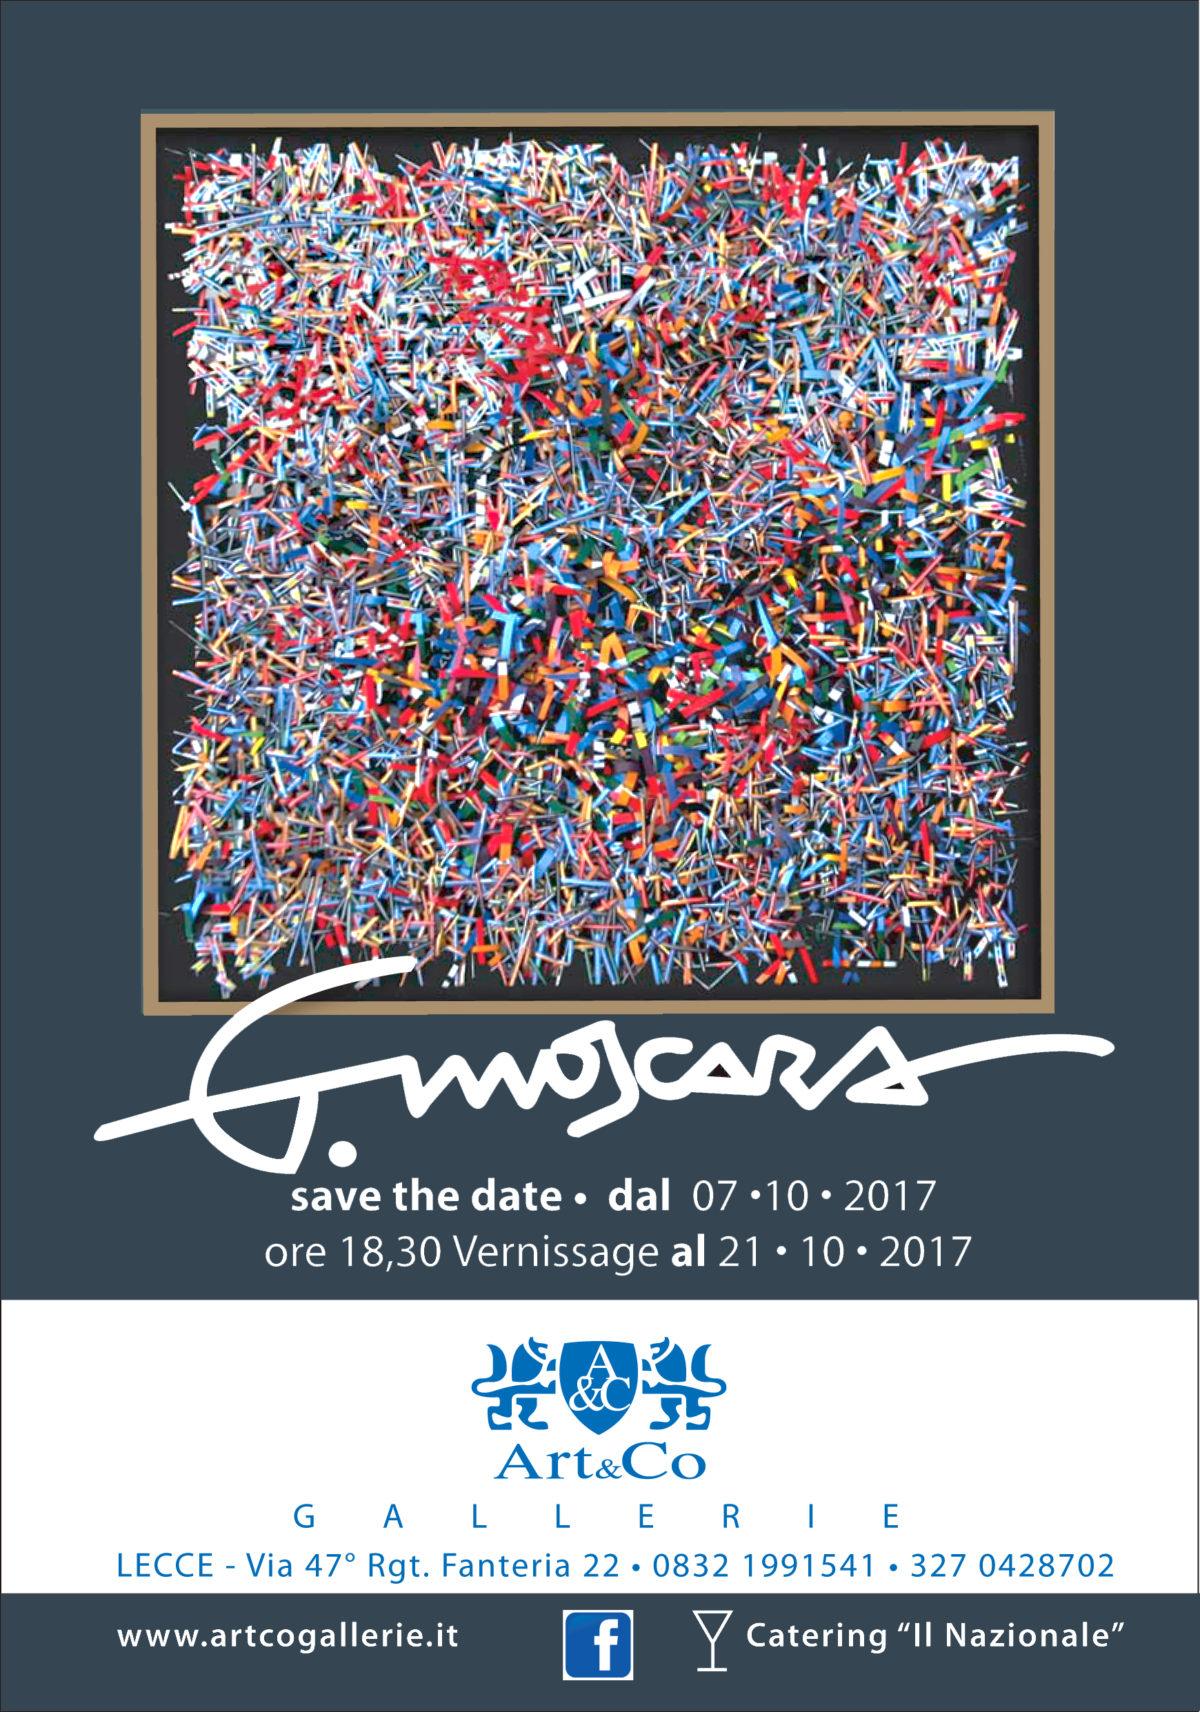 Mostra personale di Giancarlo Moscara alla Galleria Art & Co a Lecce